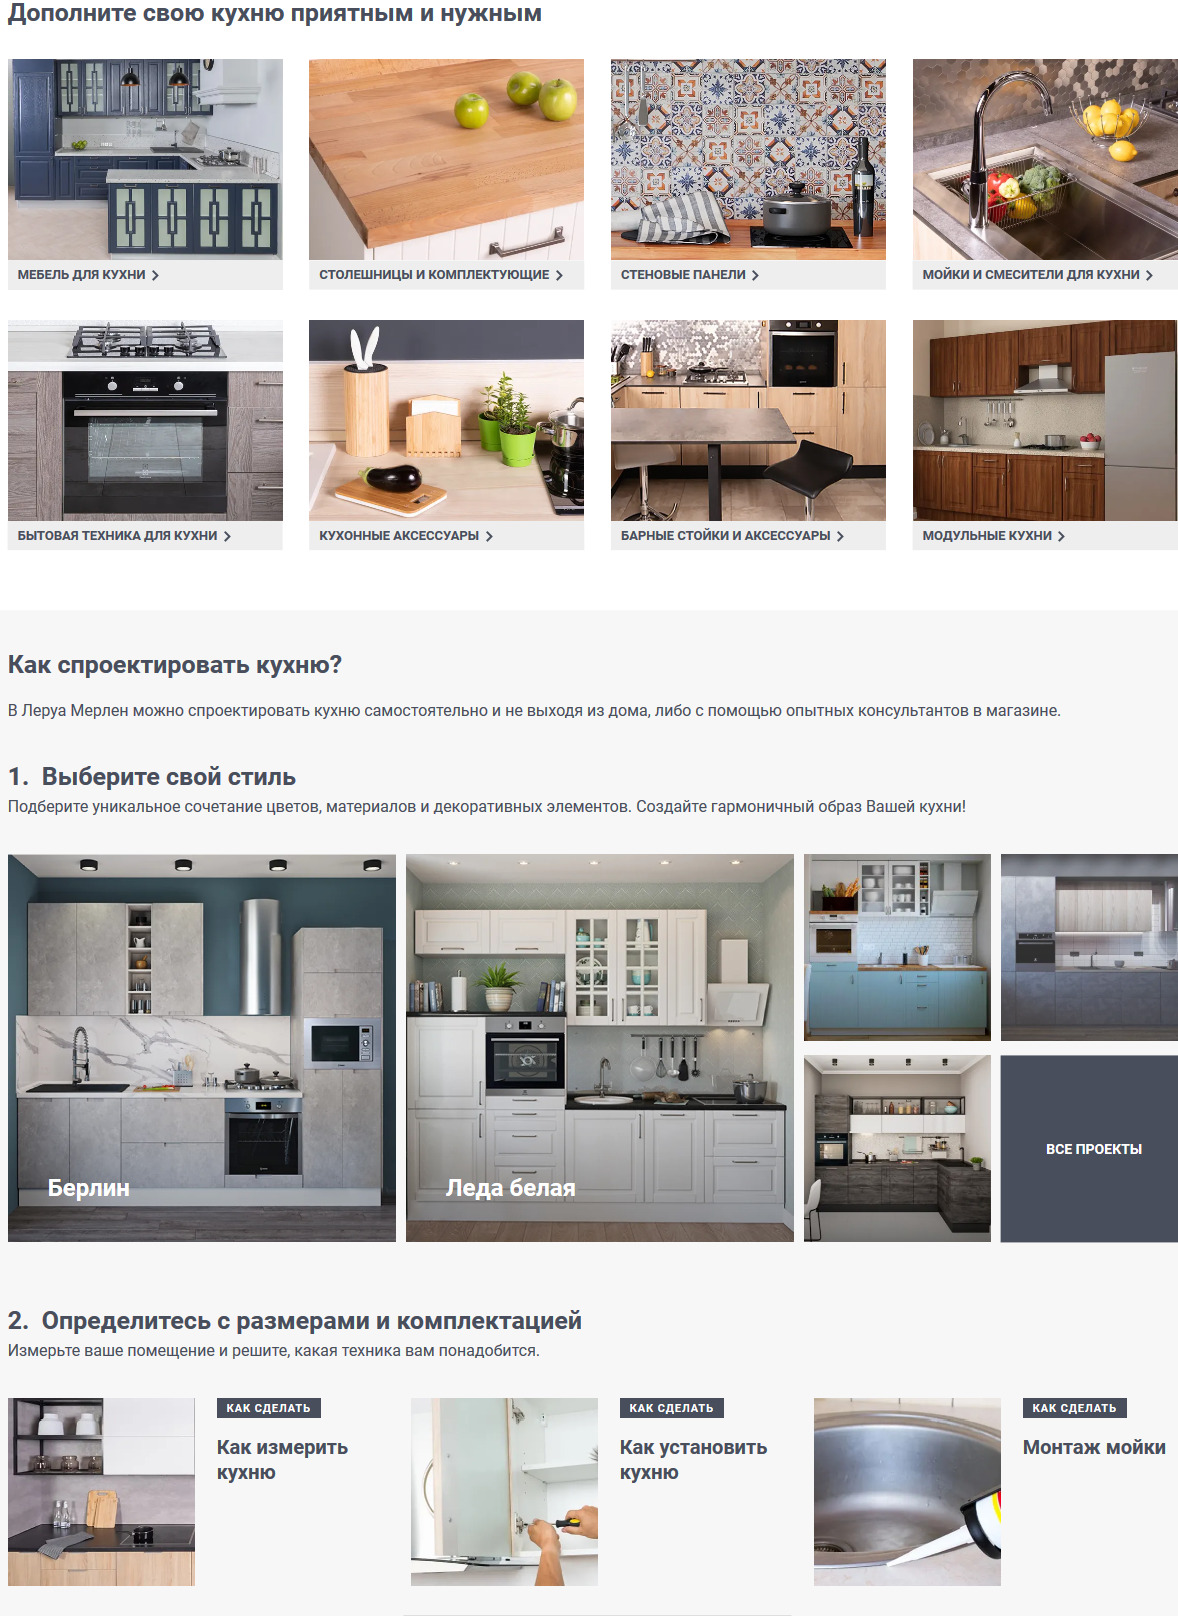 Спроектировать кухню